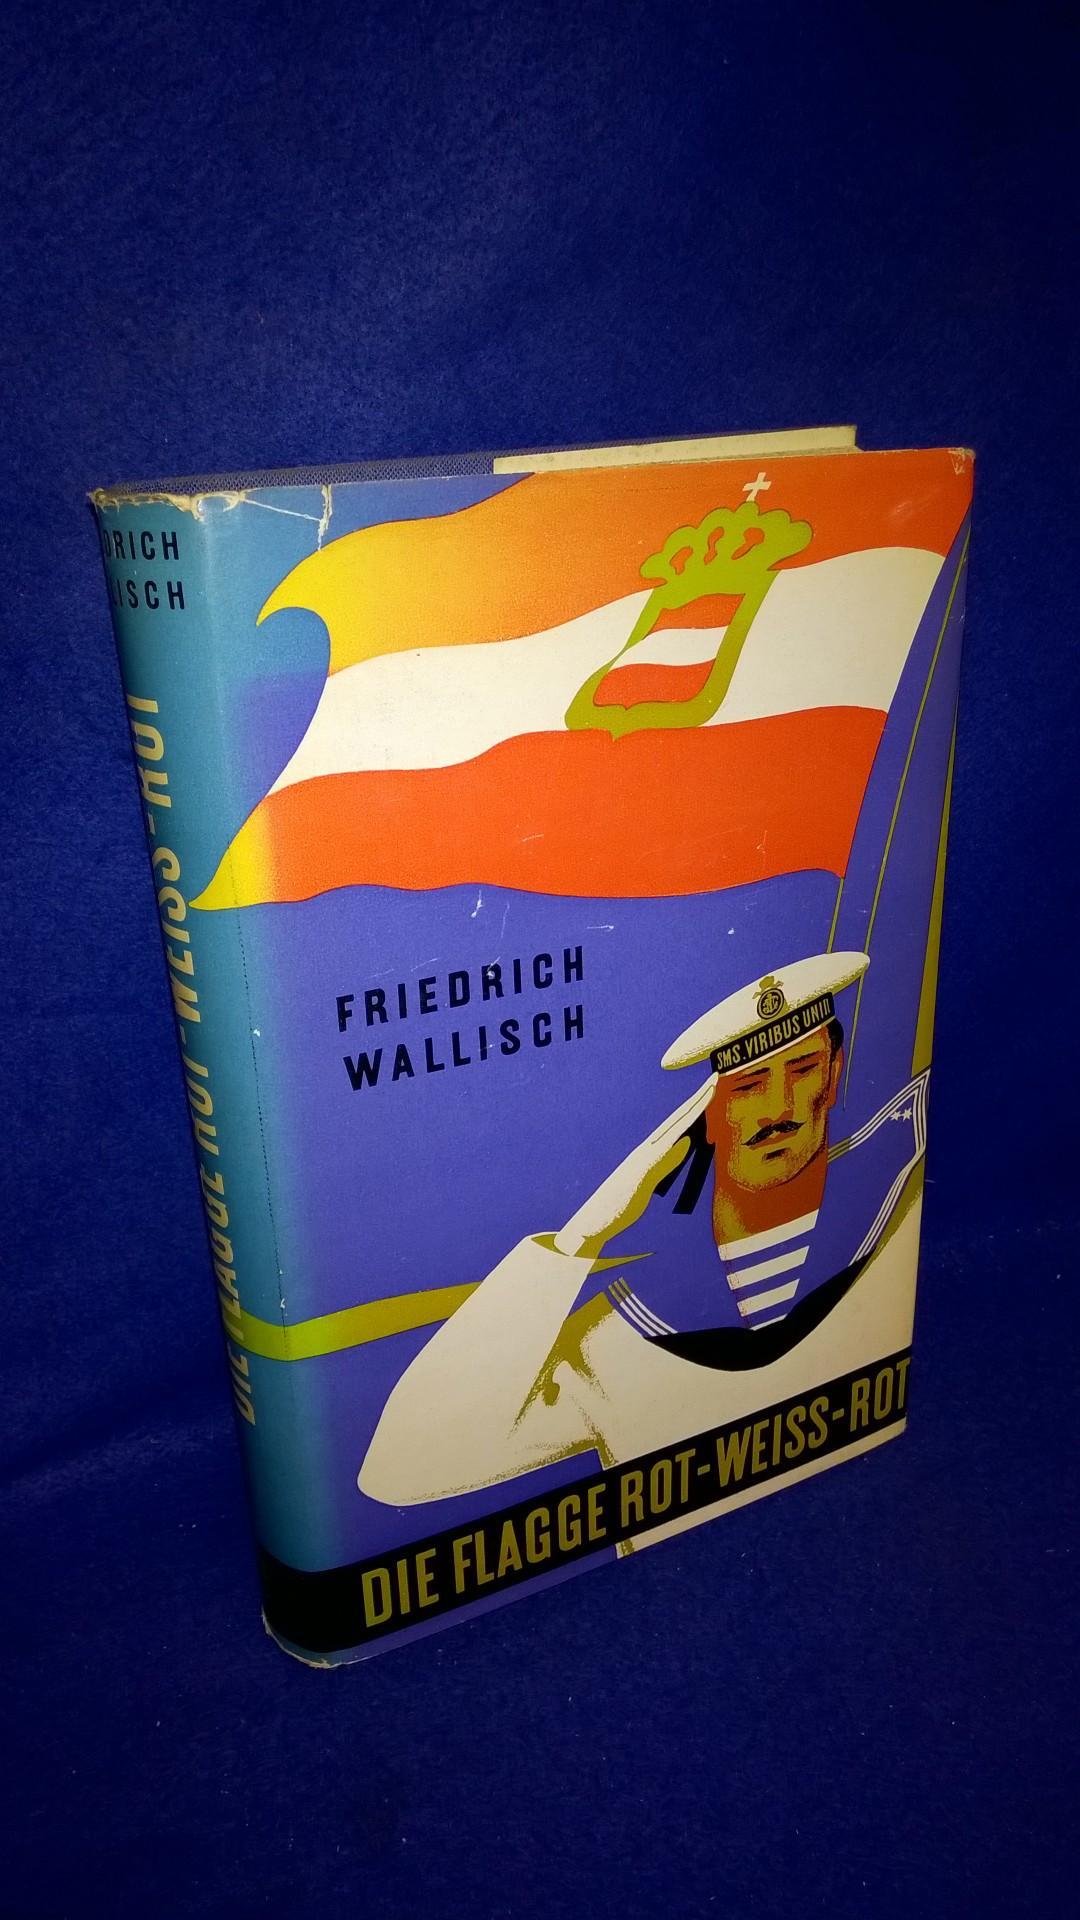 Die Flagge Rot-Weiss-Rot.Männer und Taten der österreichischen Kriegsmarine in vier Jahrhunderten.